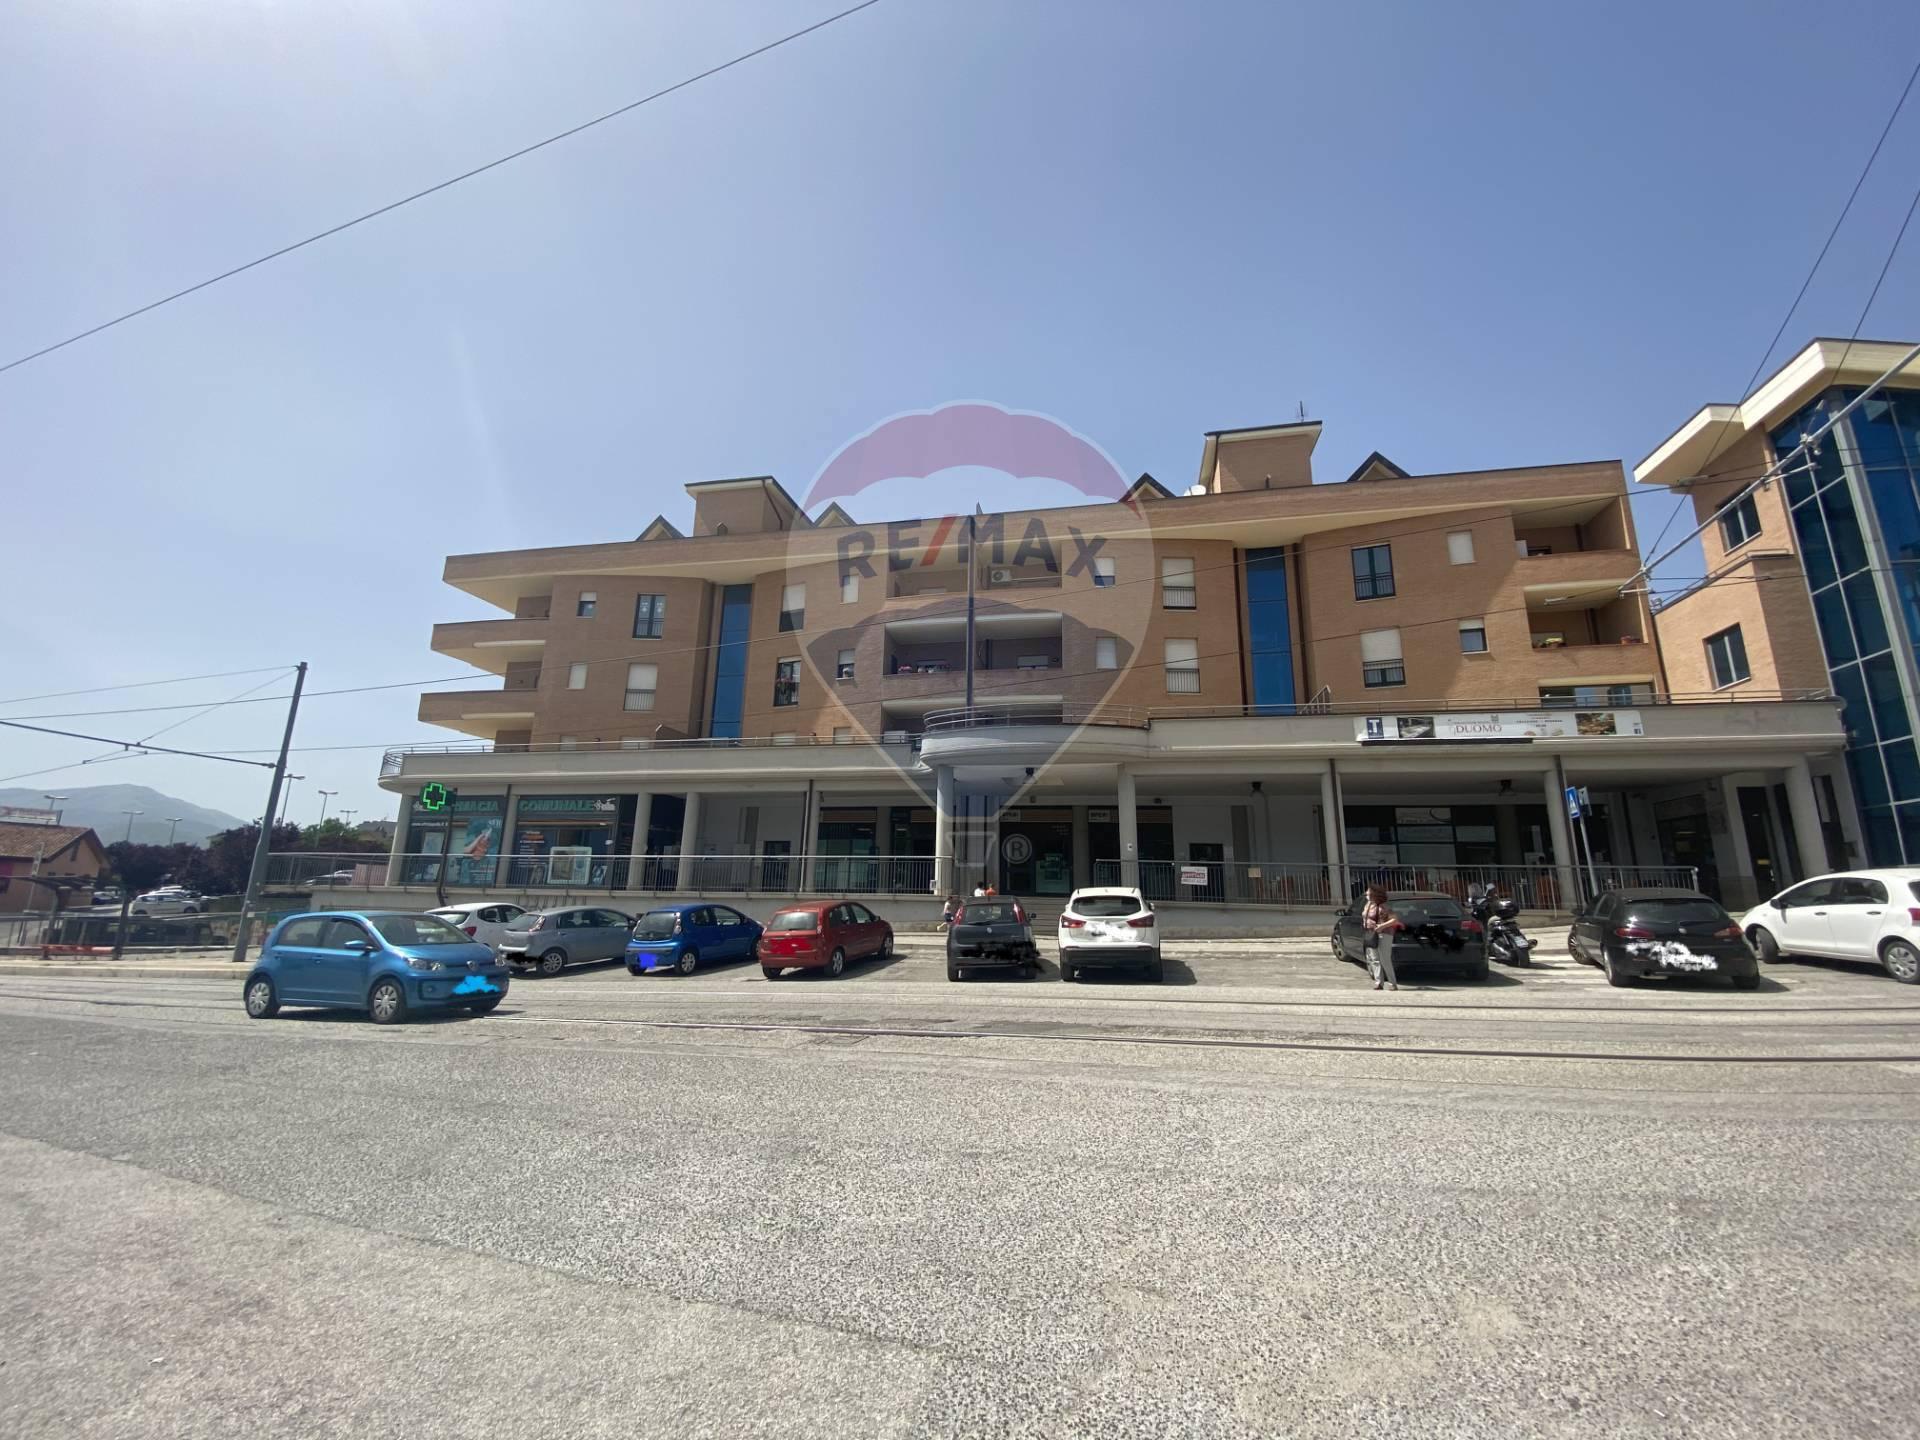 Attico / Mansarda in vendita a L'Aquila, 4 locali, zona ino, prezzo € 145.000 | PortaleAgenzieImmobiliari.it